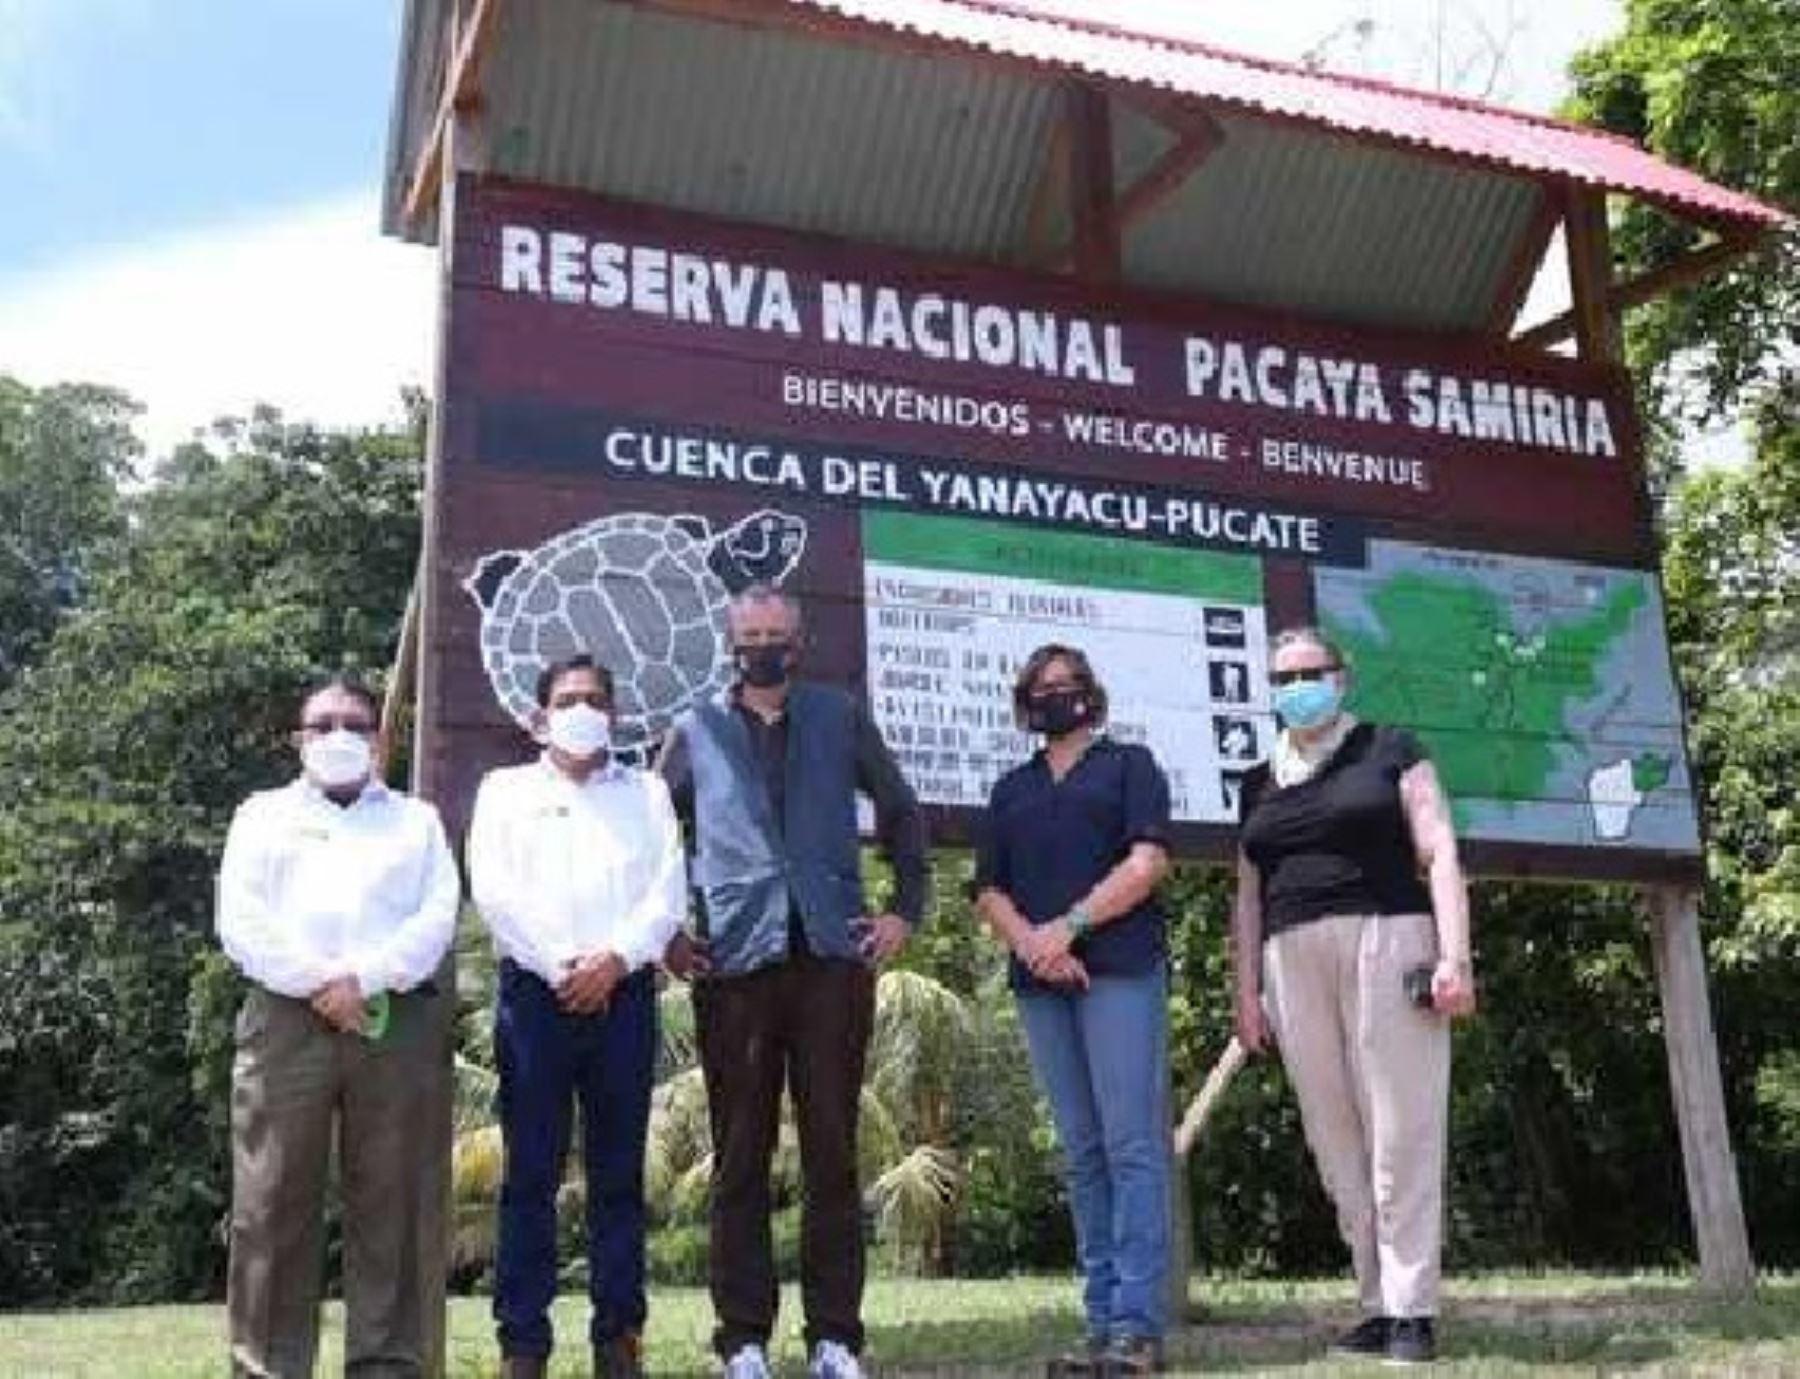 Autoridades supervisan acciones para conservar la biodiversidad en Reserva Pacaya Samiria